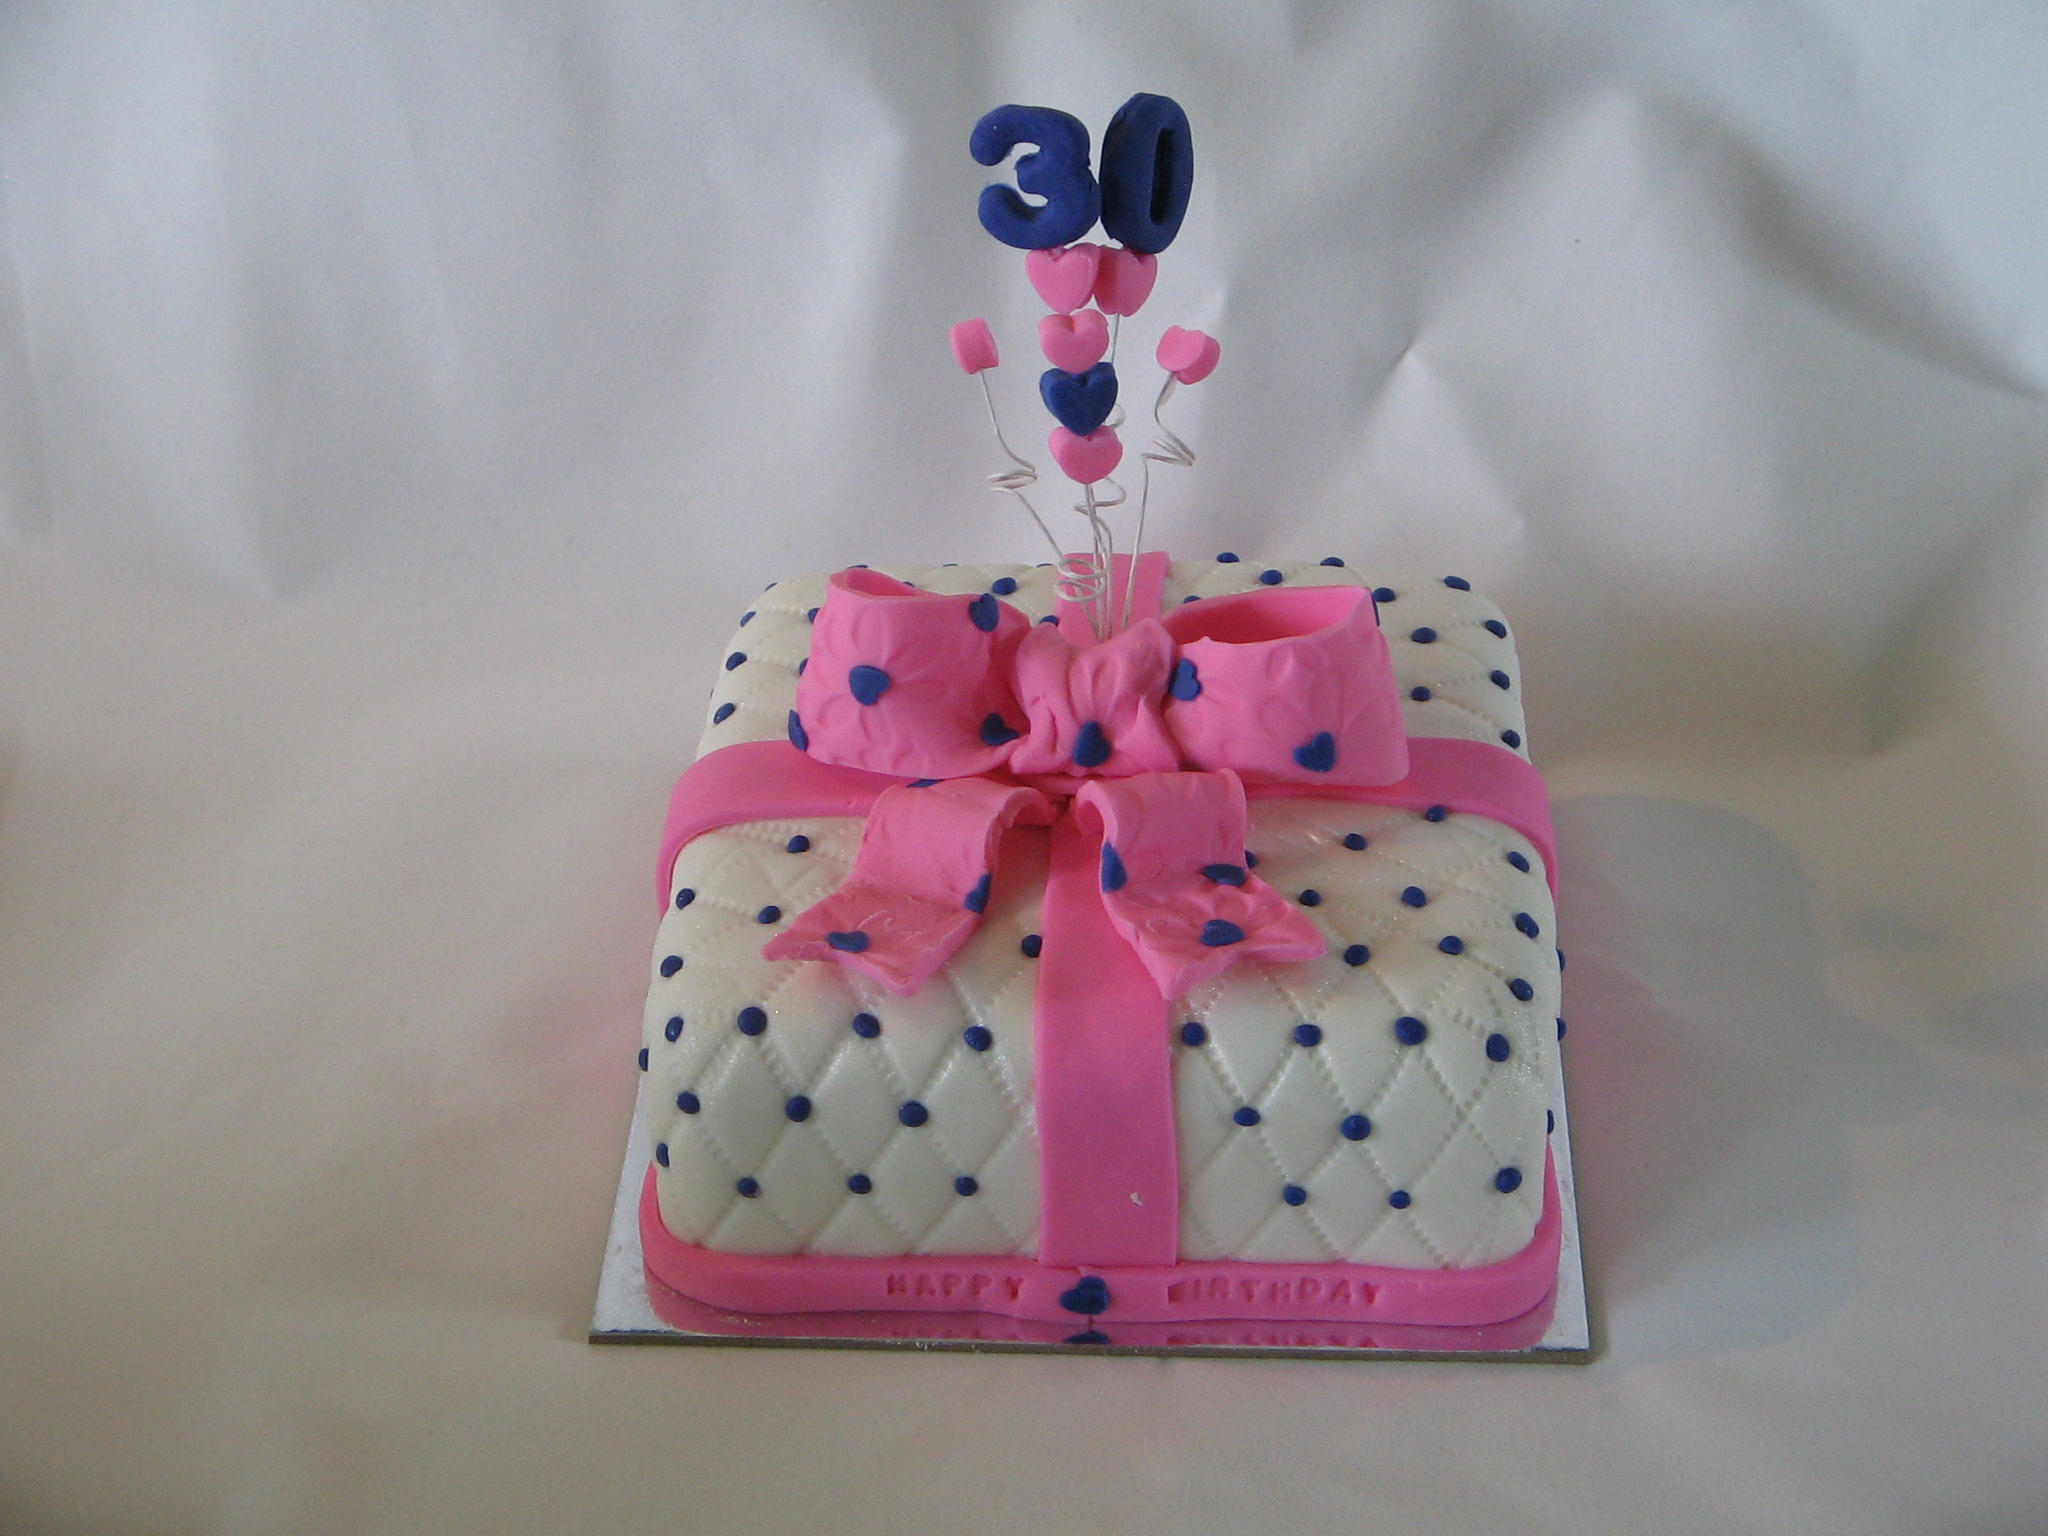 30th Birthday Cake Zeppiedoescakes